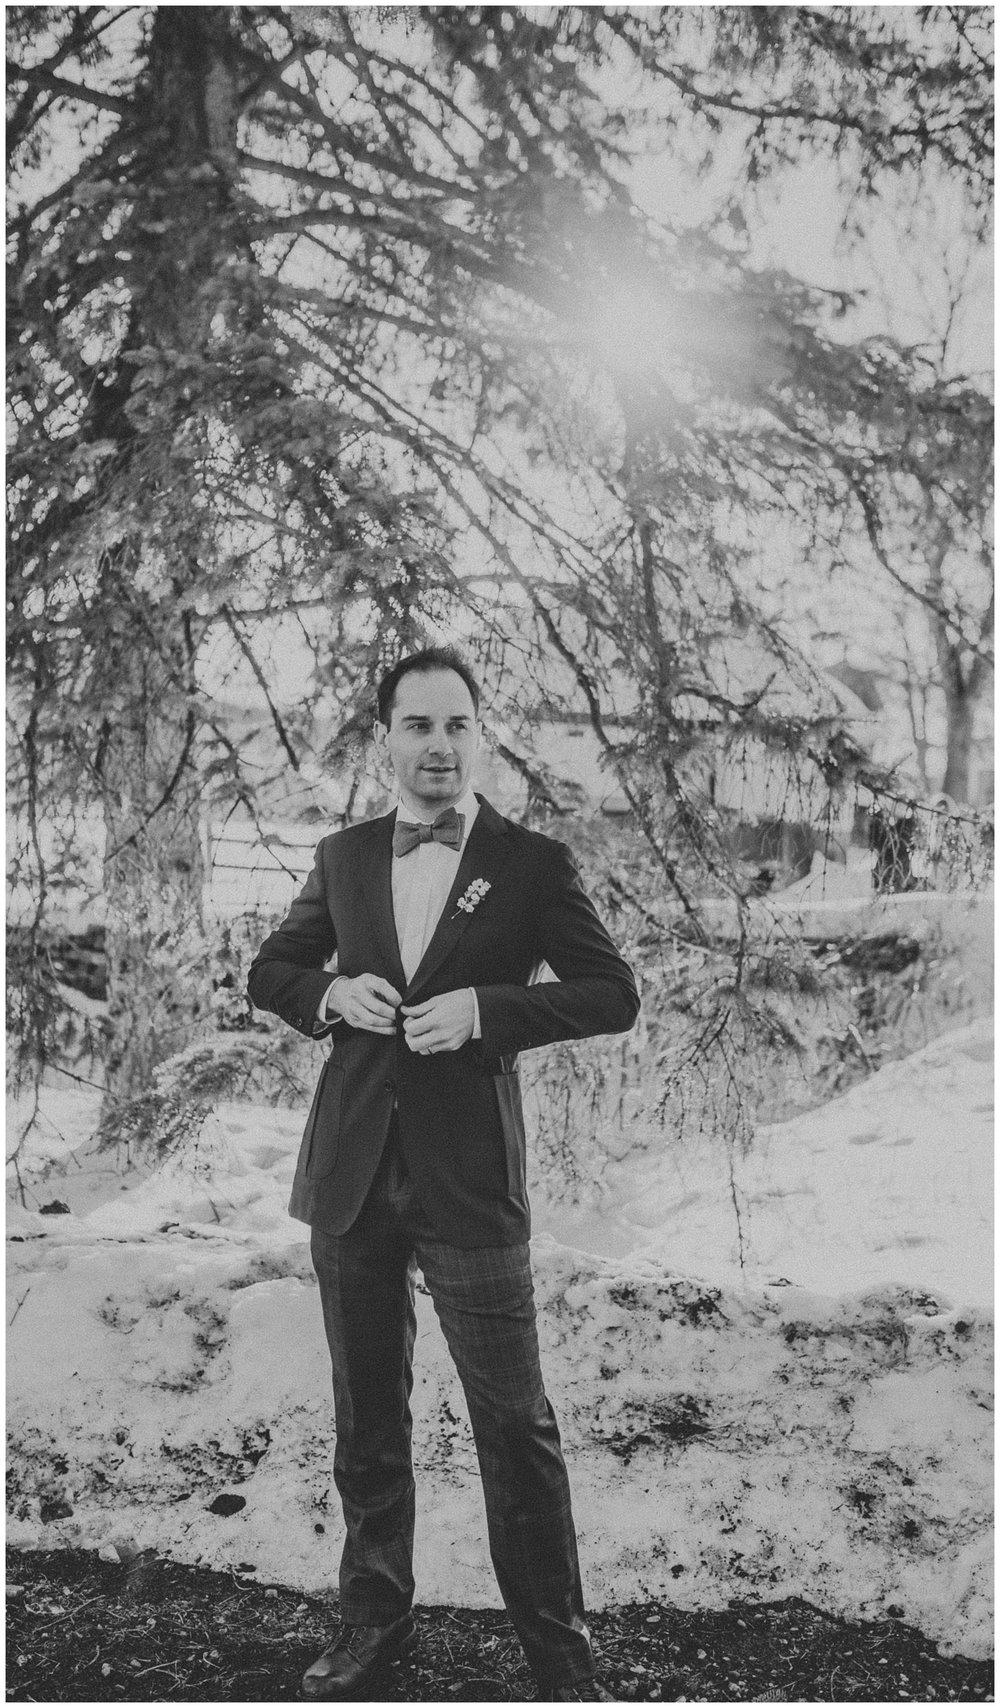 Pocono Winter Wedding with Bride and Groom_0195.jpg